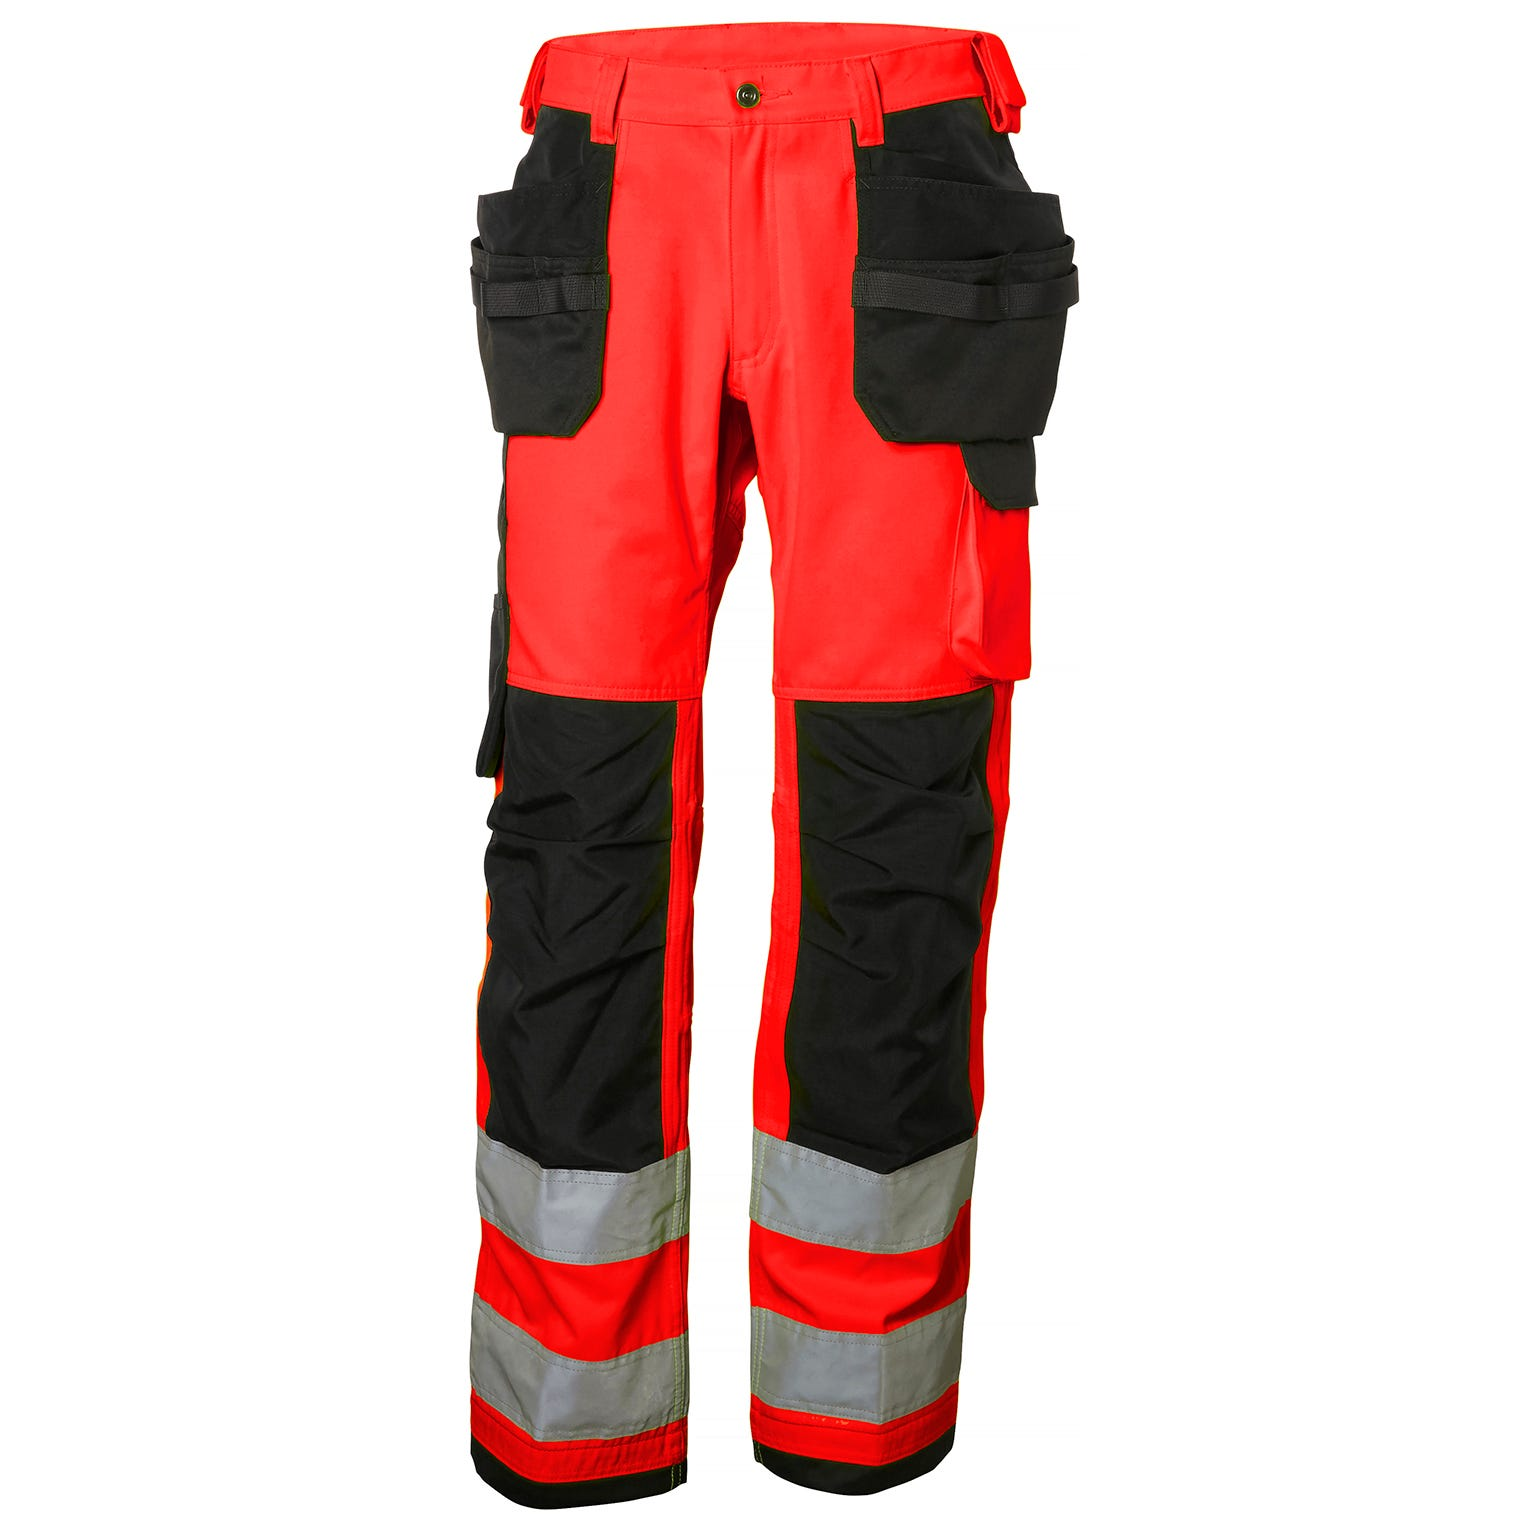 Helly Hansen Werkbroeken Alna 77413 High Vis fluo rood-antracietgrijs(169)